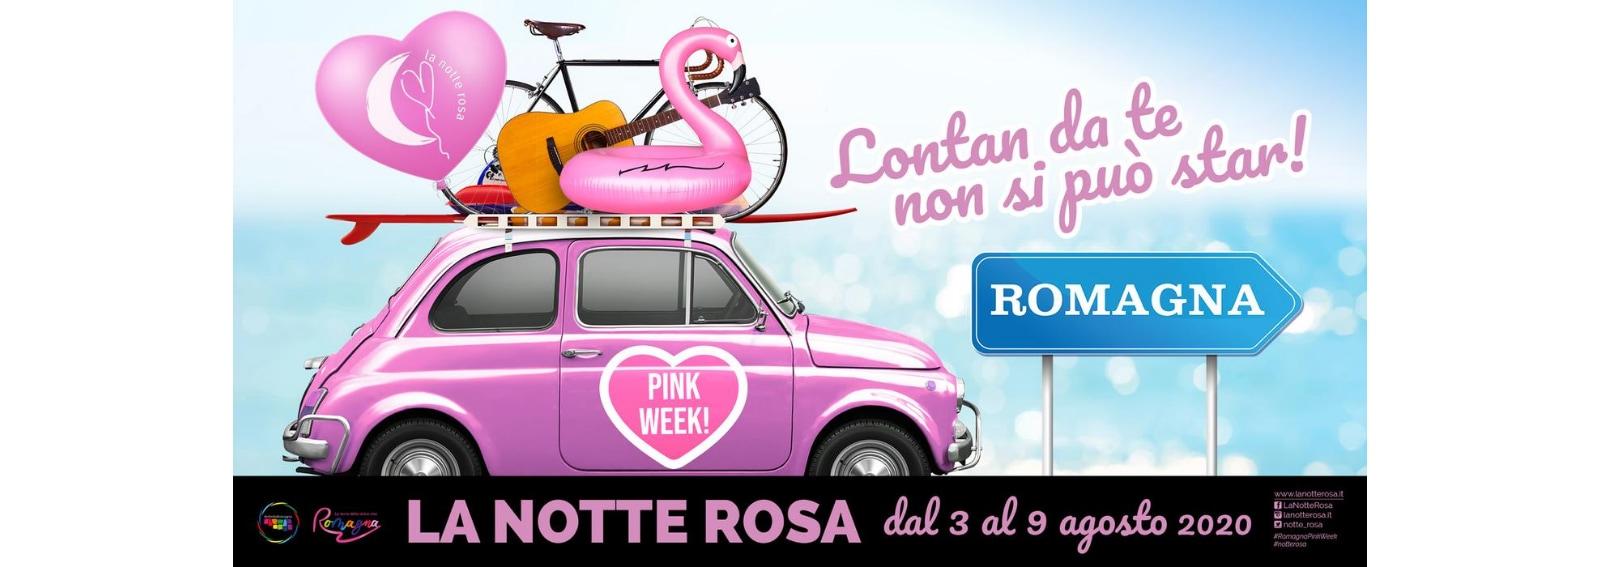 Pink week romagna DESK